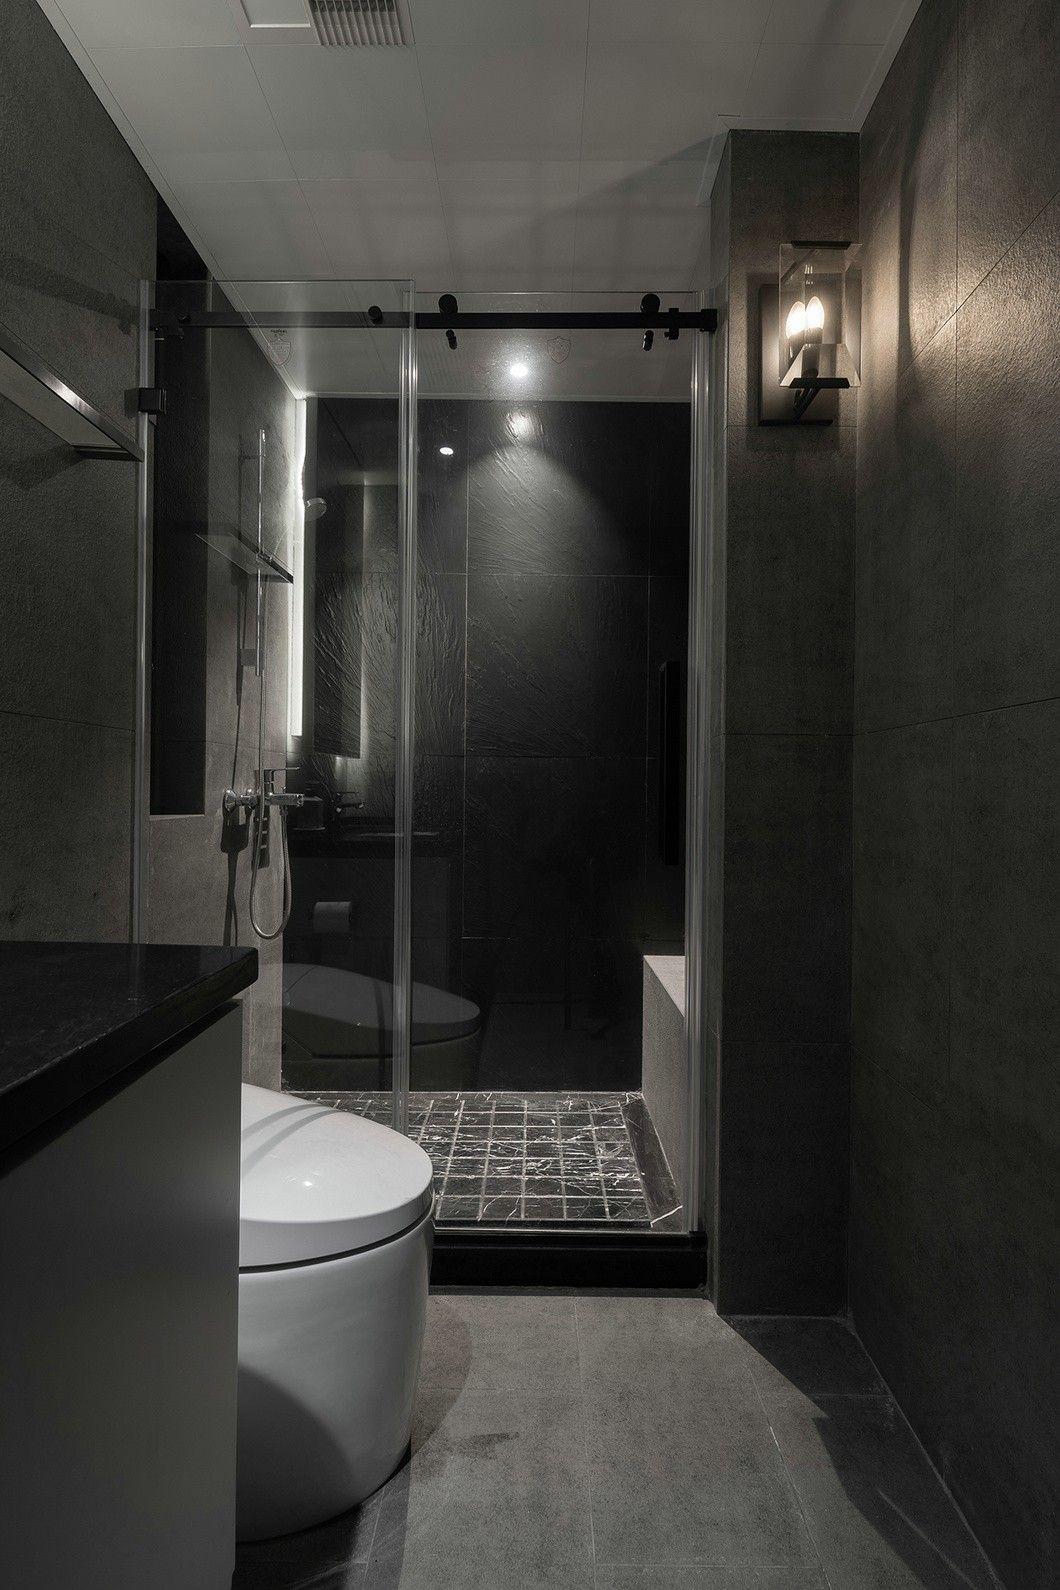 极致黑白丨非凡的设计格调